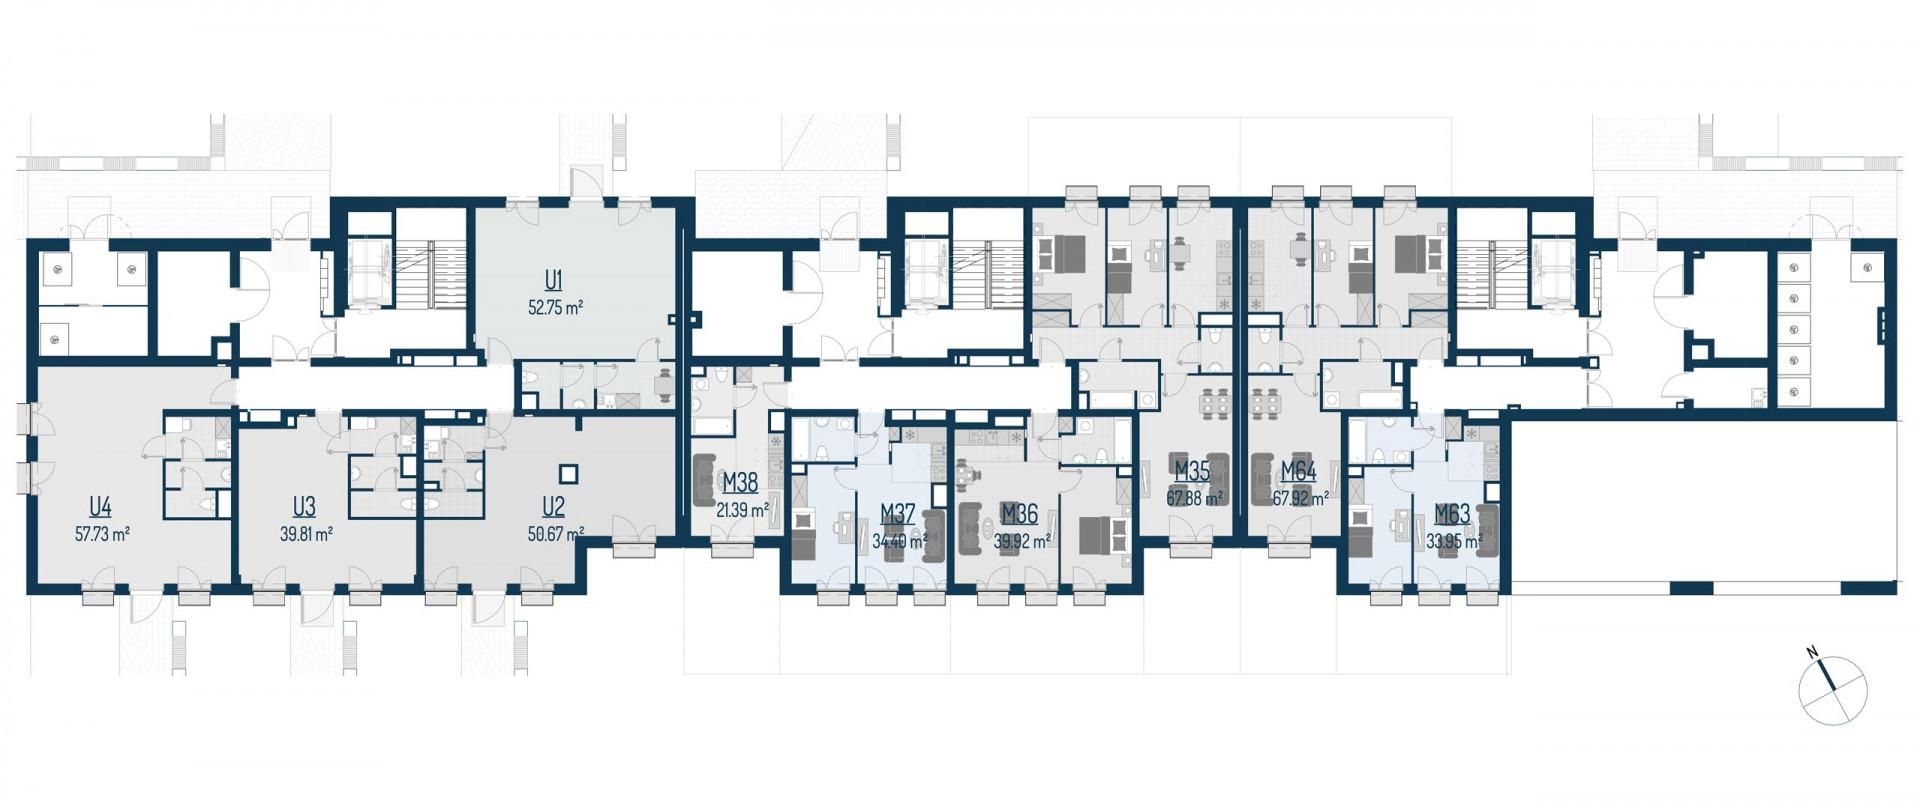 Zdrowe Stylove / budynek 1 / mieszkanie nr U1 rzut 2